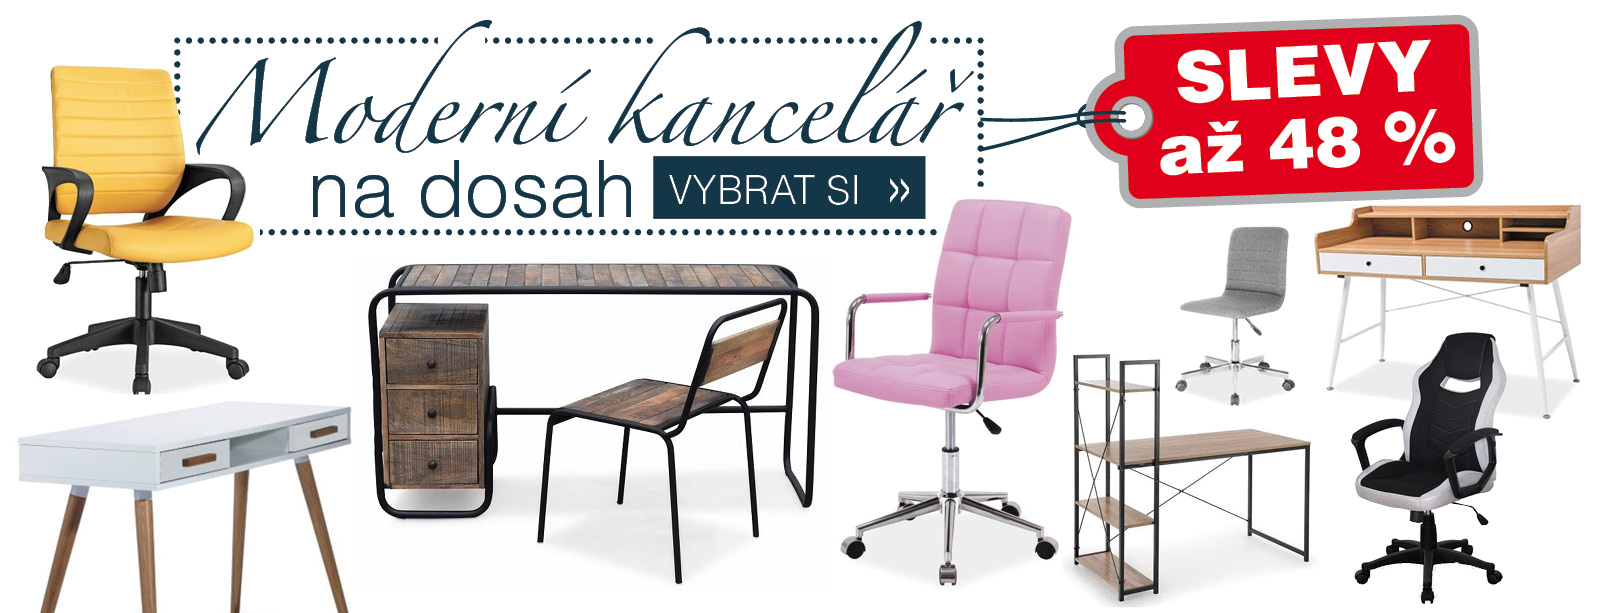 Kancelář v novém: Kancelářské židle a stoly se slevou až 48 %